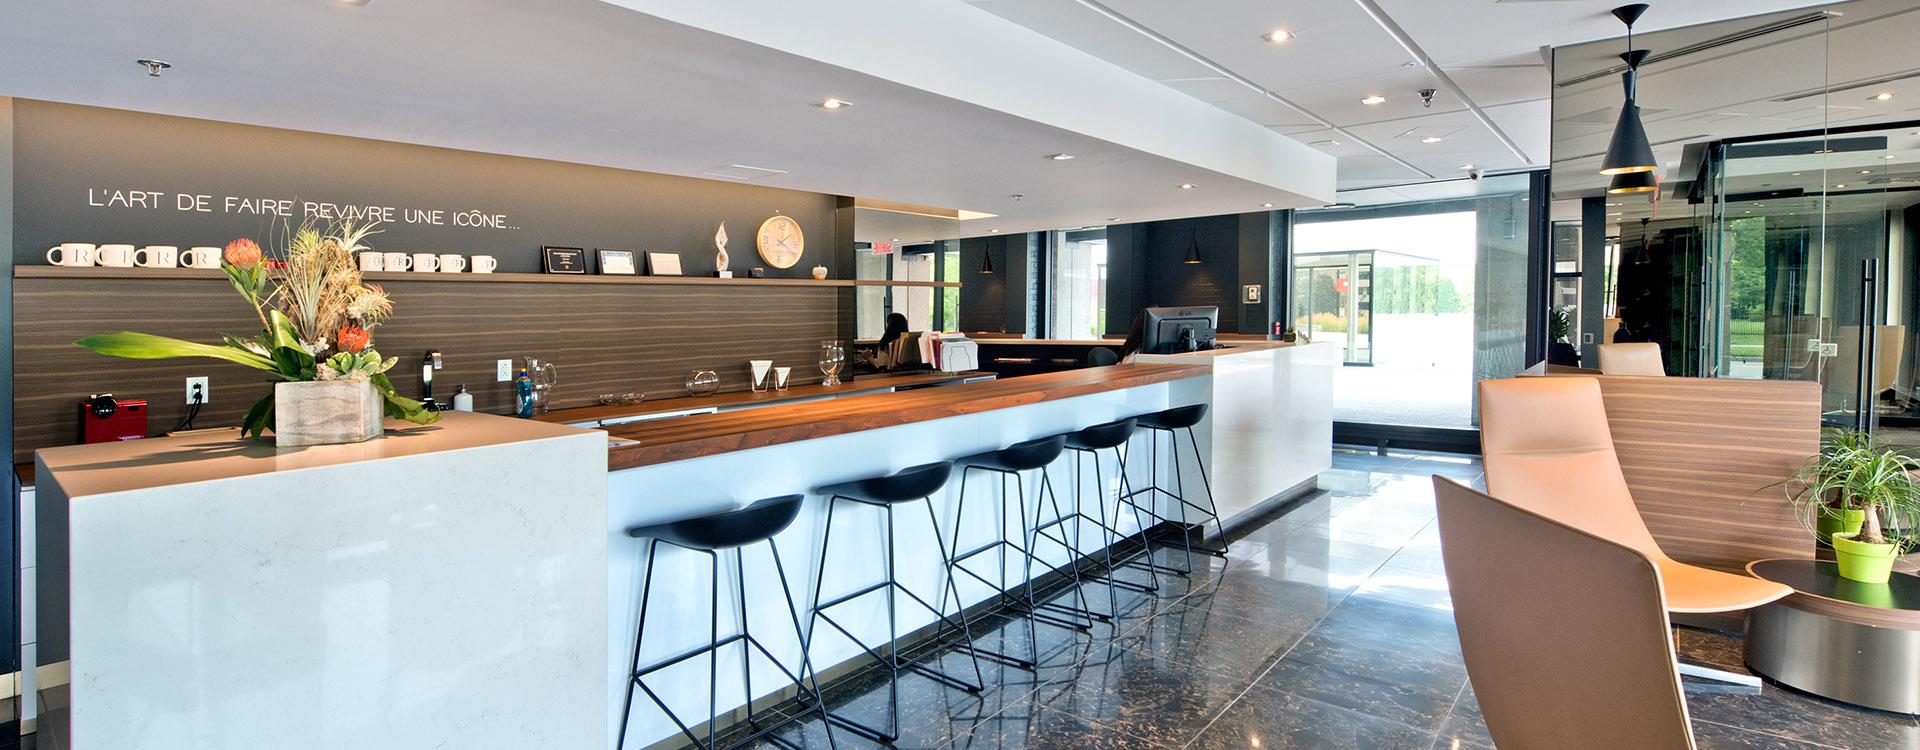 rockhill-apartments-4858-chemin-de-la-cote-des-neiges-montreal-lobby